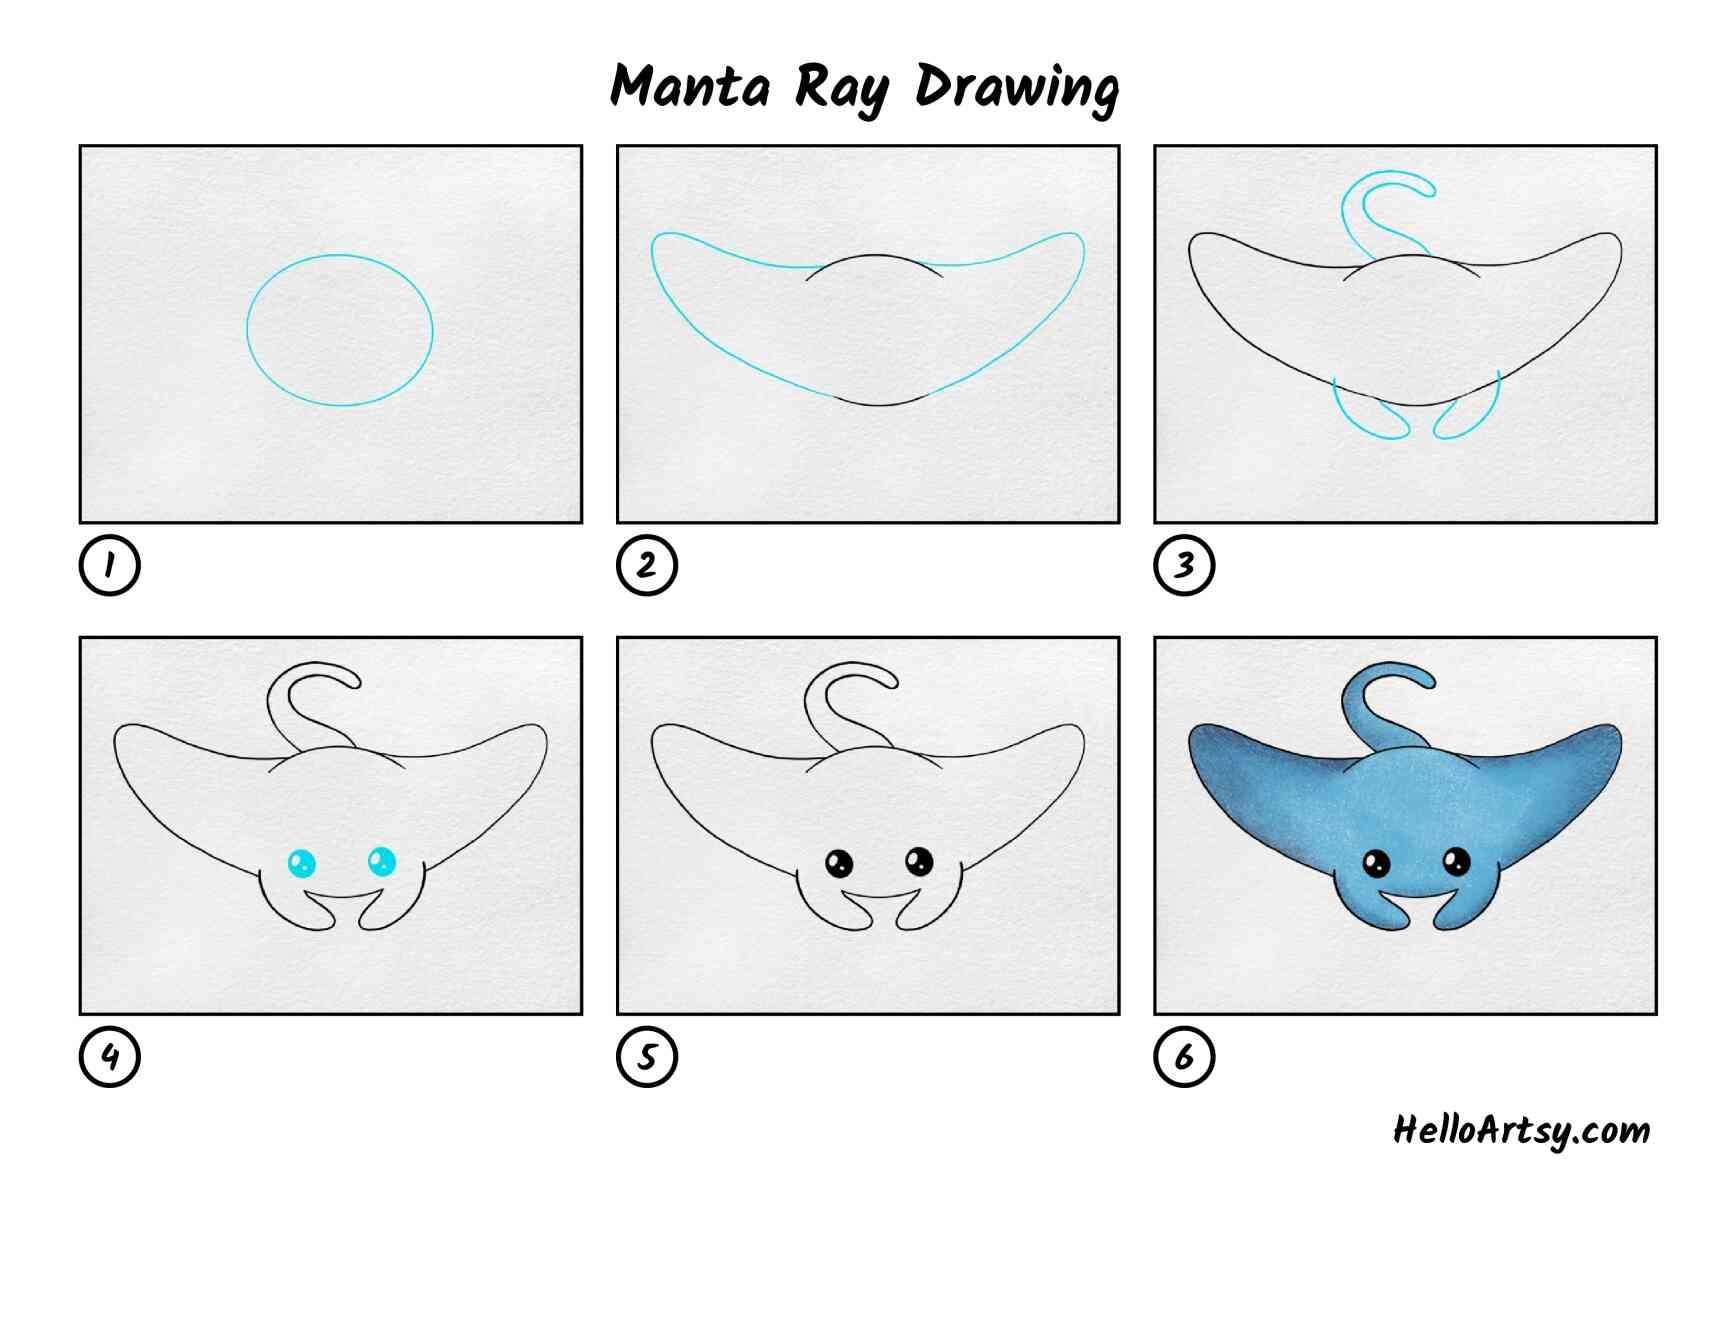 Manta Ray Drawing: All Steps